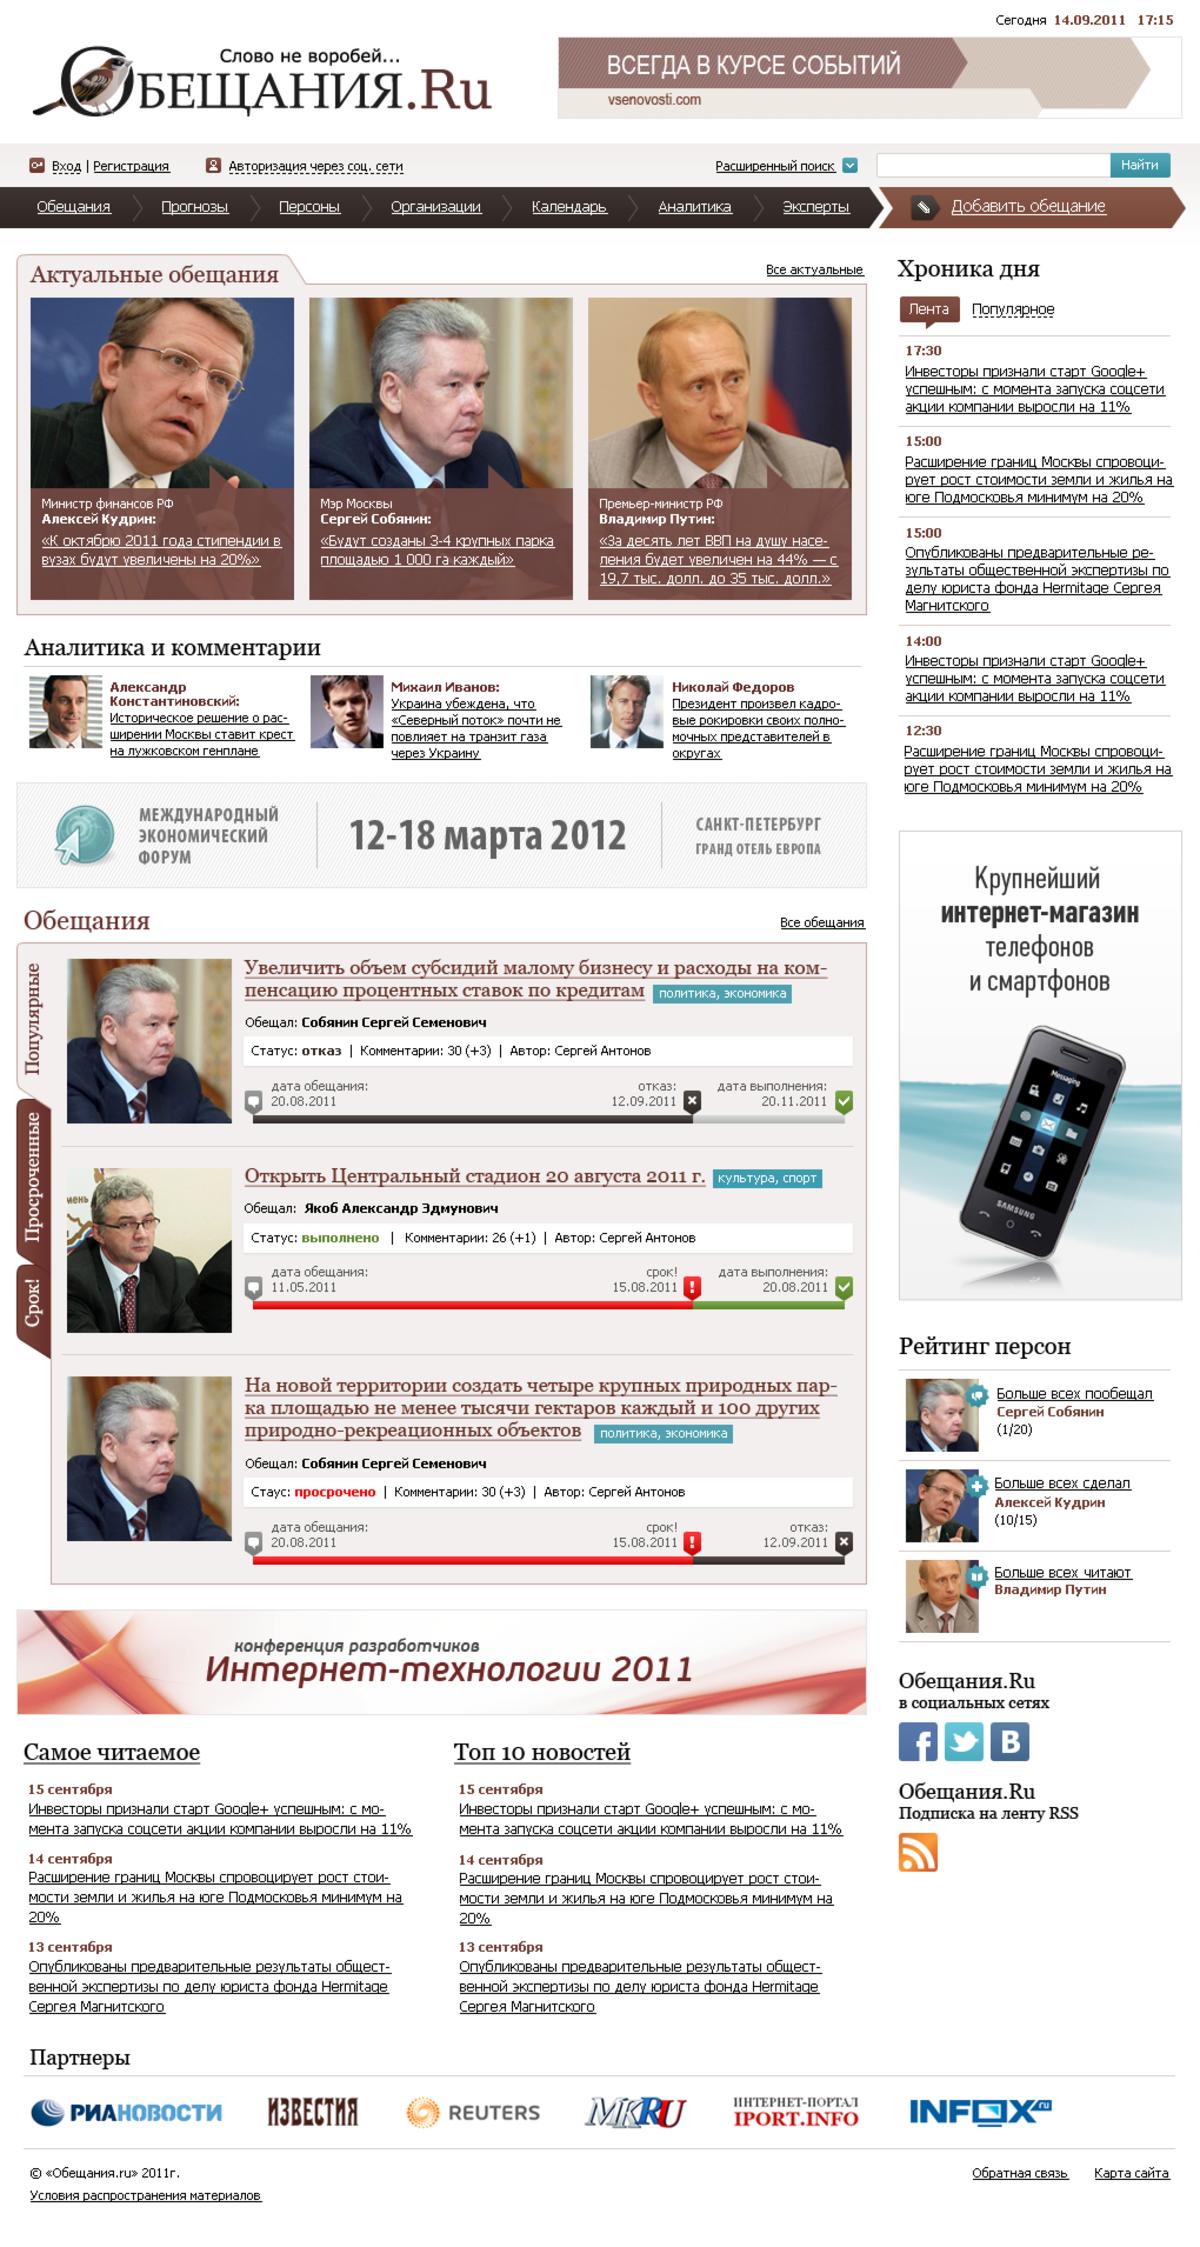 Сайт для стартап-проекта сервиса контроля обещаний «Обещания.Ru» / Проект компании ТриЛан